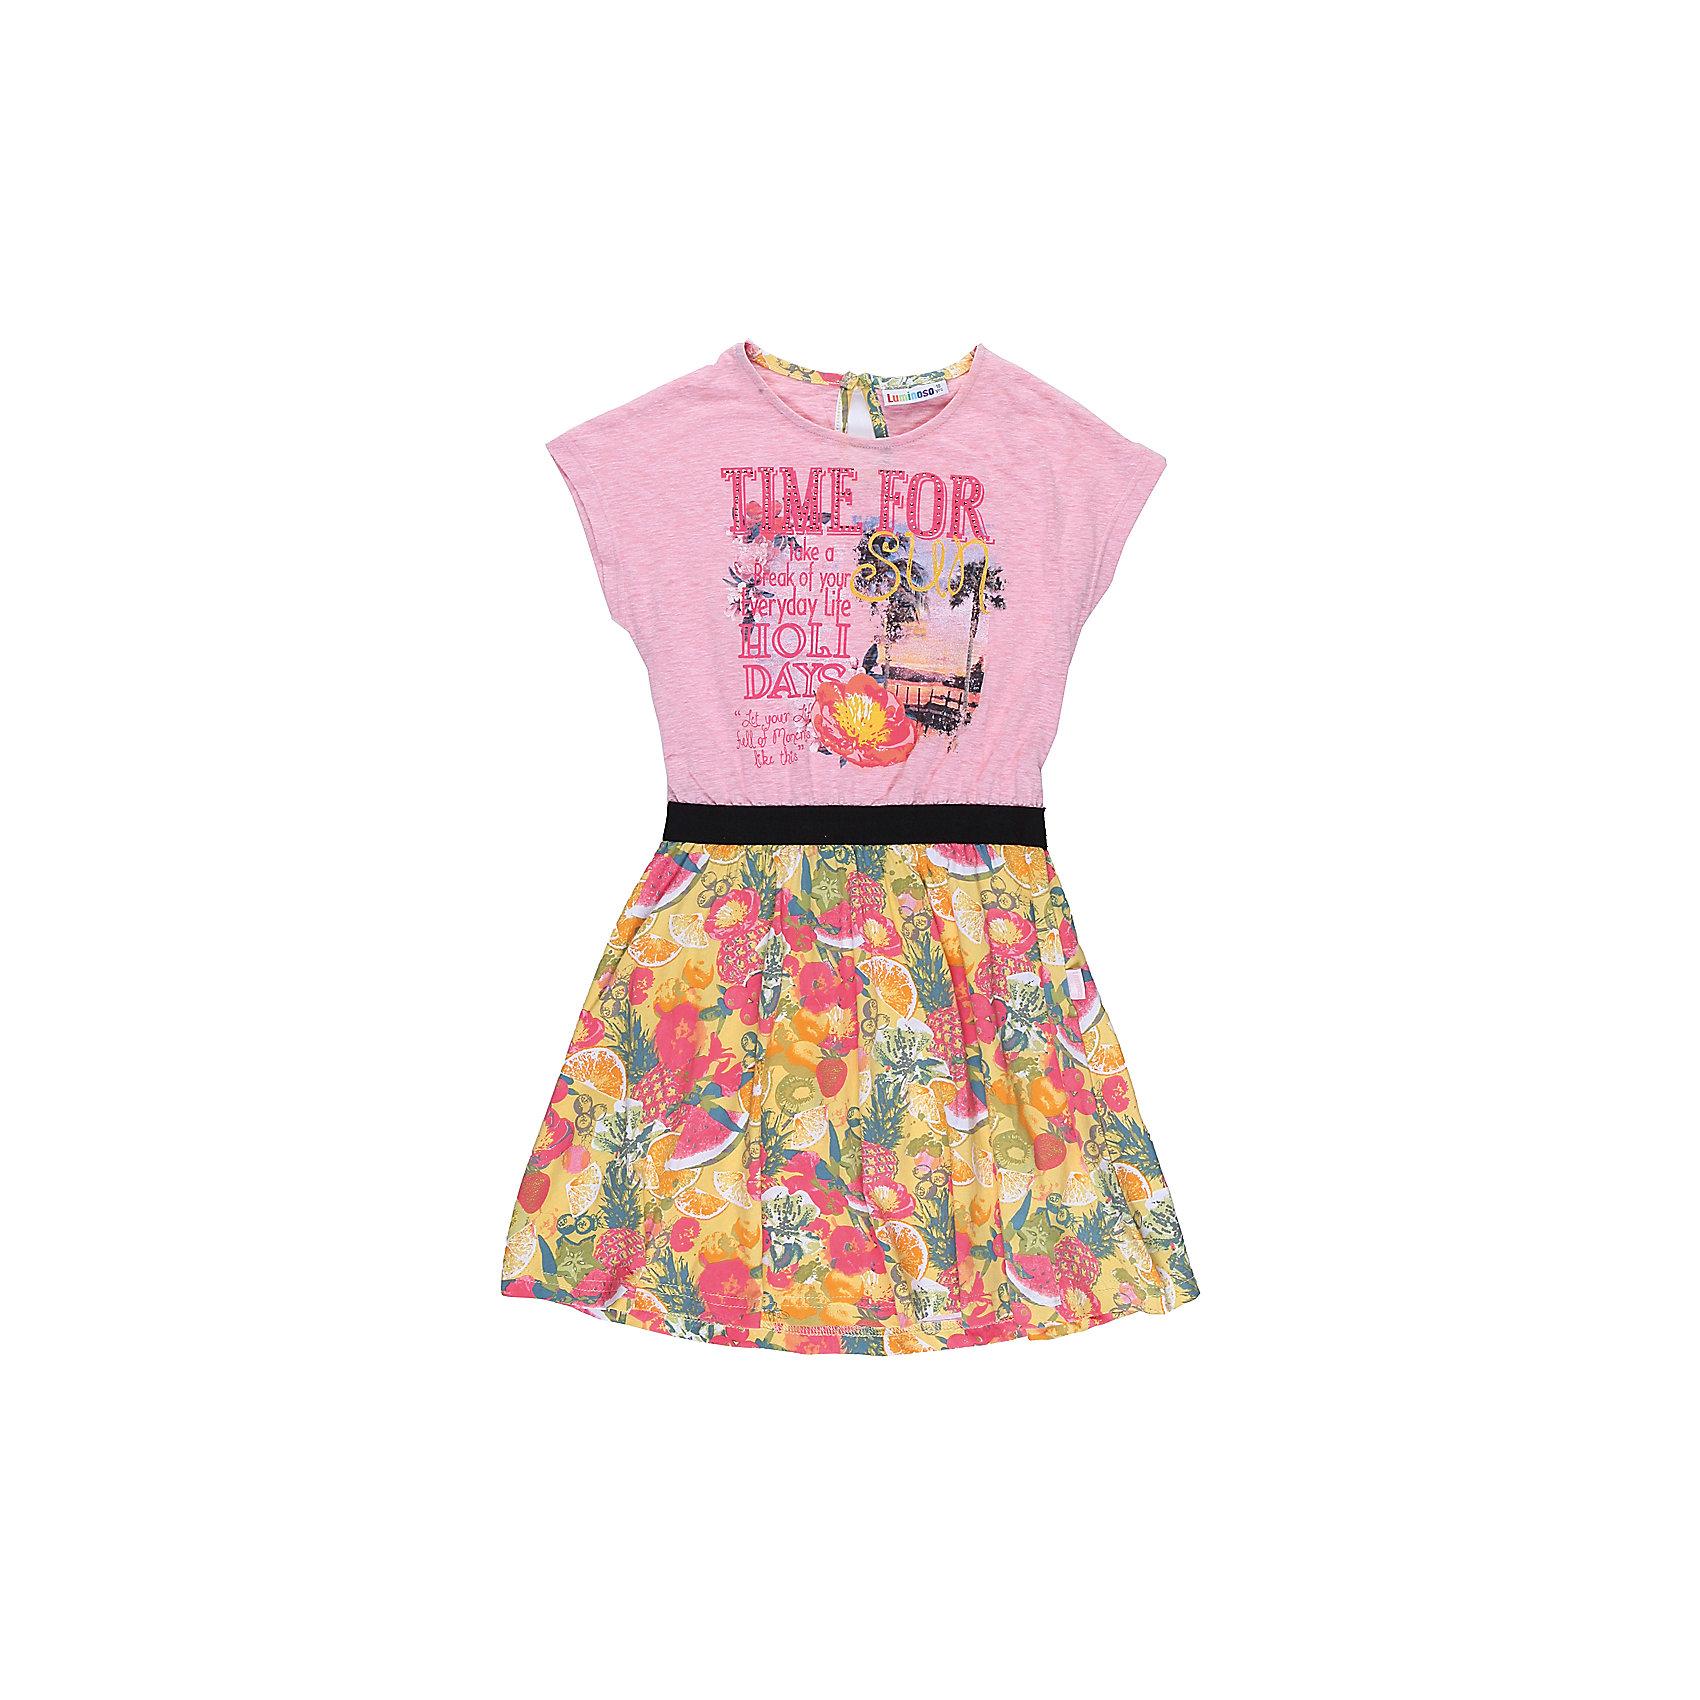 Платье для девочки LuminosoПлатья и сарафаны<br>Трикотажное платье для девочки из комбинировванной ткани. Верх изделия декорирован оригинальной аппликацией, талия подчеркнута контрасттной тканью, низ изделия выполнен из яркой принтованной ткани. Застегивается на пуговку на спинкке. Приталенный крой.<br>Состав:<br>95%хлопок 5%эластан<br><br>Ширина мм: 236<br>Глубина мм: 16<br>Высота мм: 184<br>Вес г: 177<br>Цвет: белый<br>Возраст от месяцев: 108<br>Возраст до месяцев: 120<br>Пол: Женский<br>Возраст: Детский<br>Размер: 140,134,164,158,152,146<br>SKU: 5413242